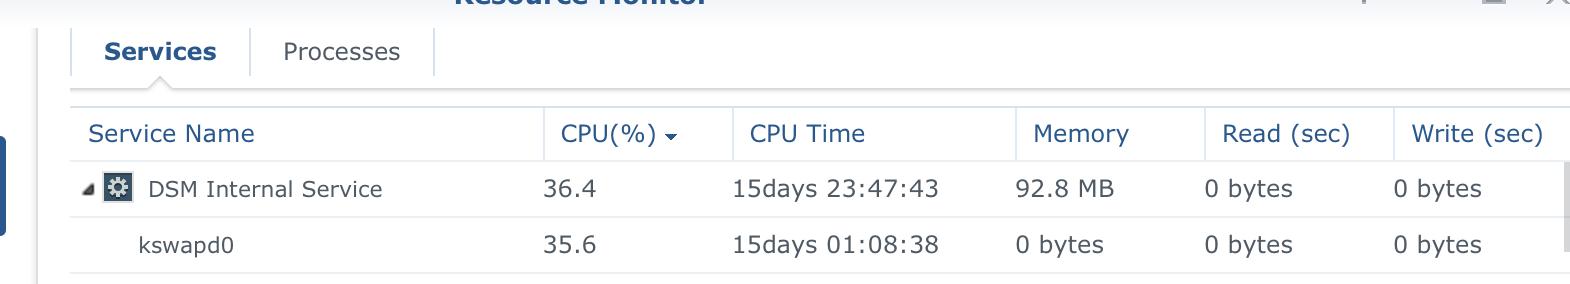 Screenshot 2020-10-22 at 11.50.13.png